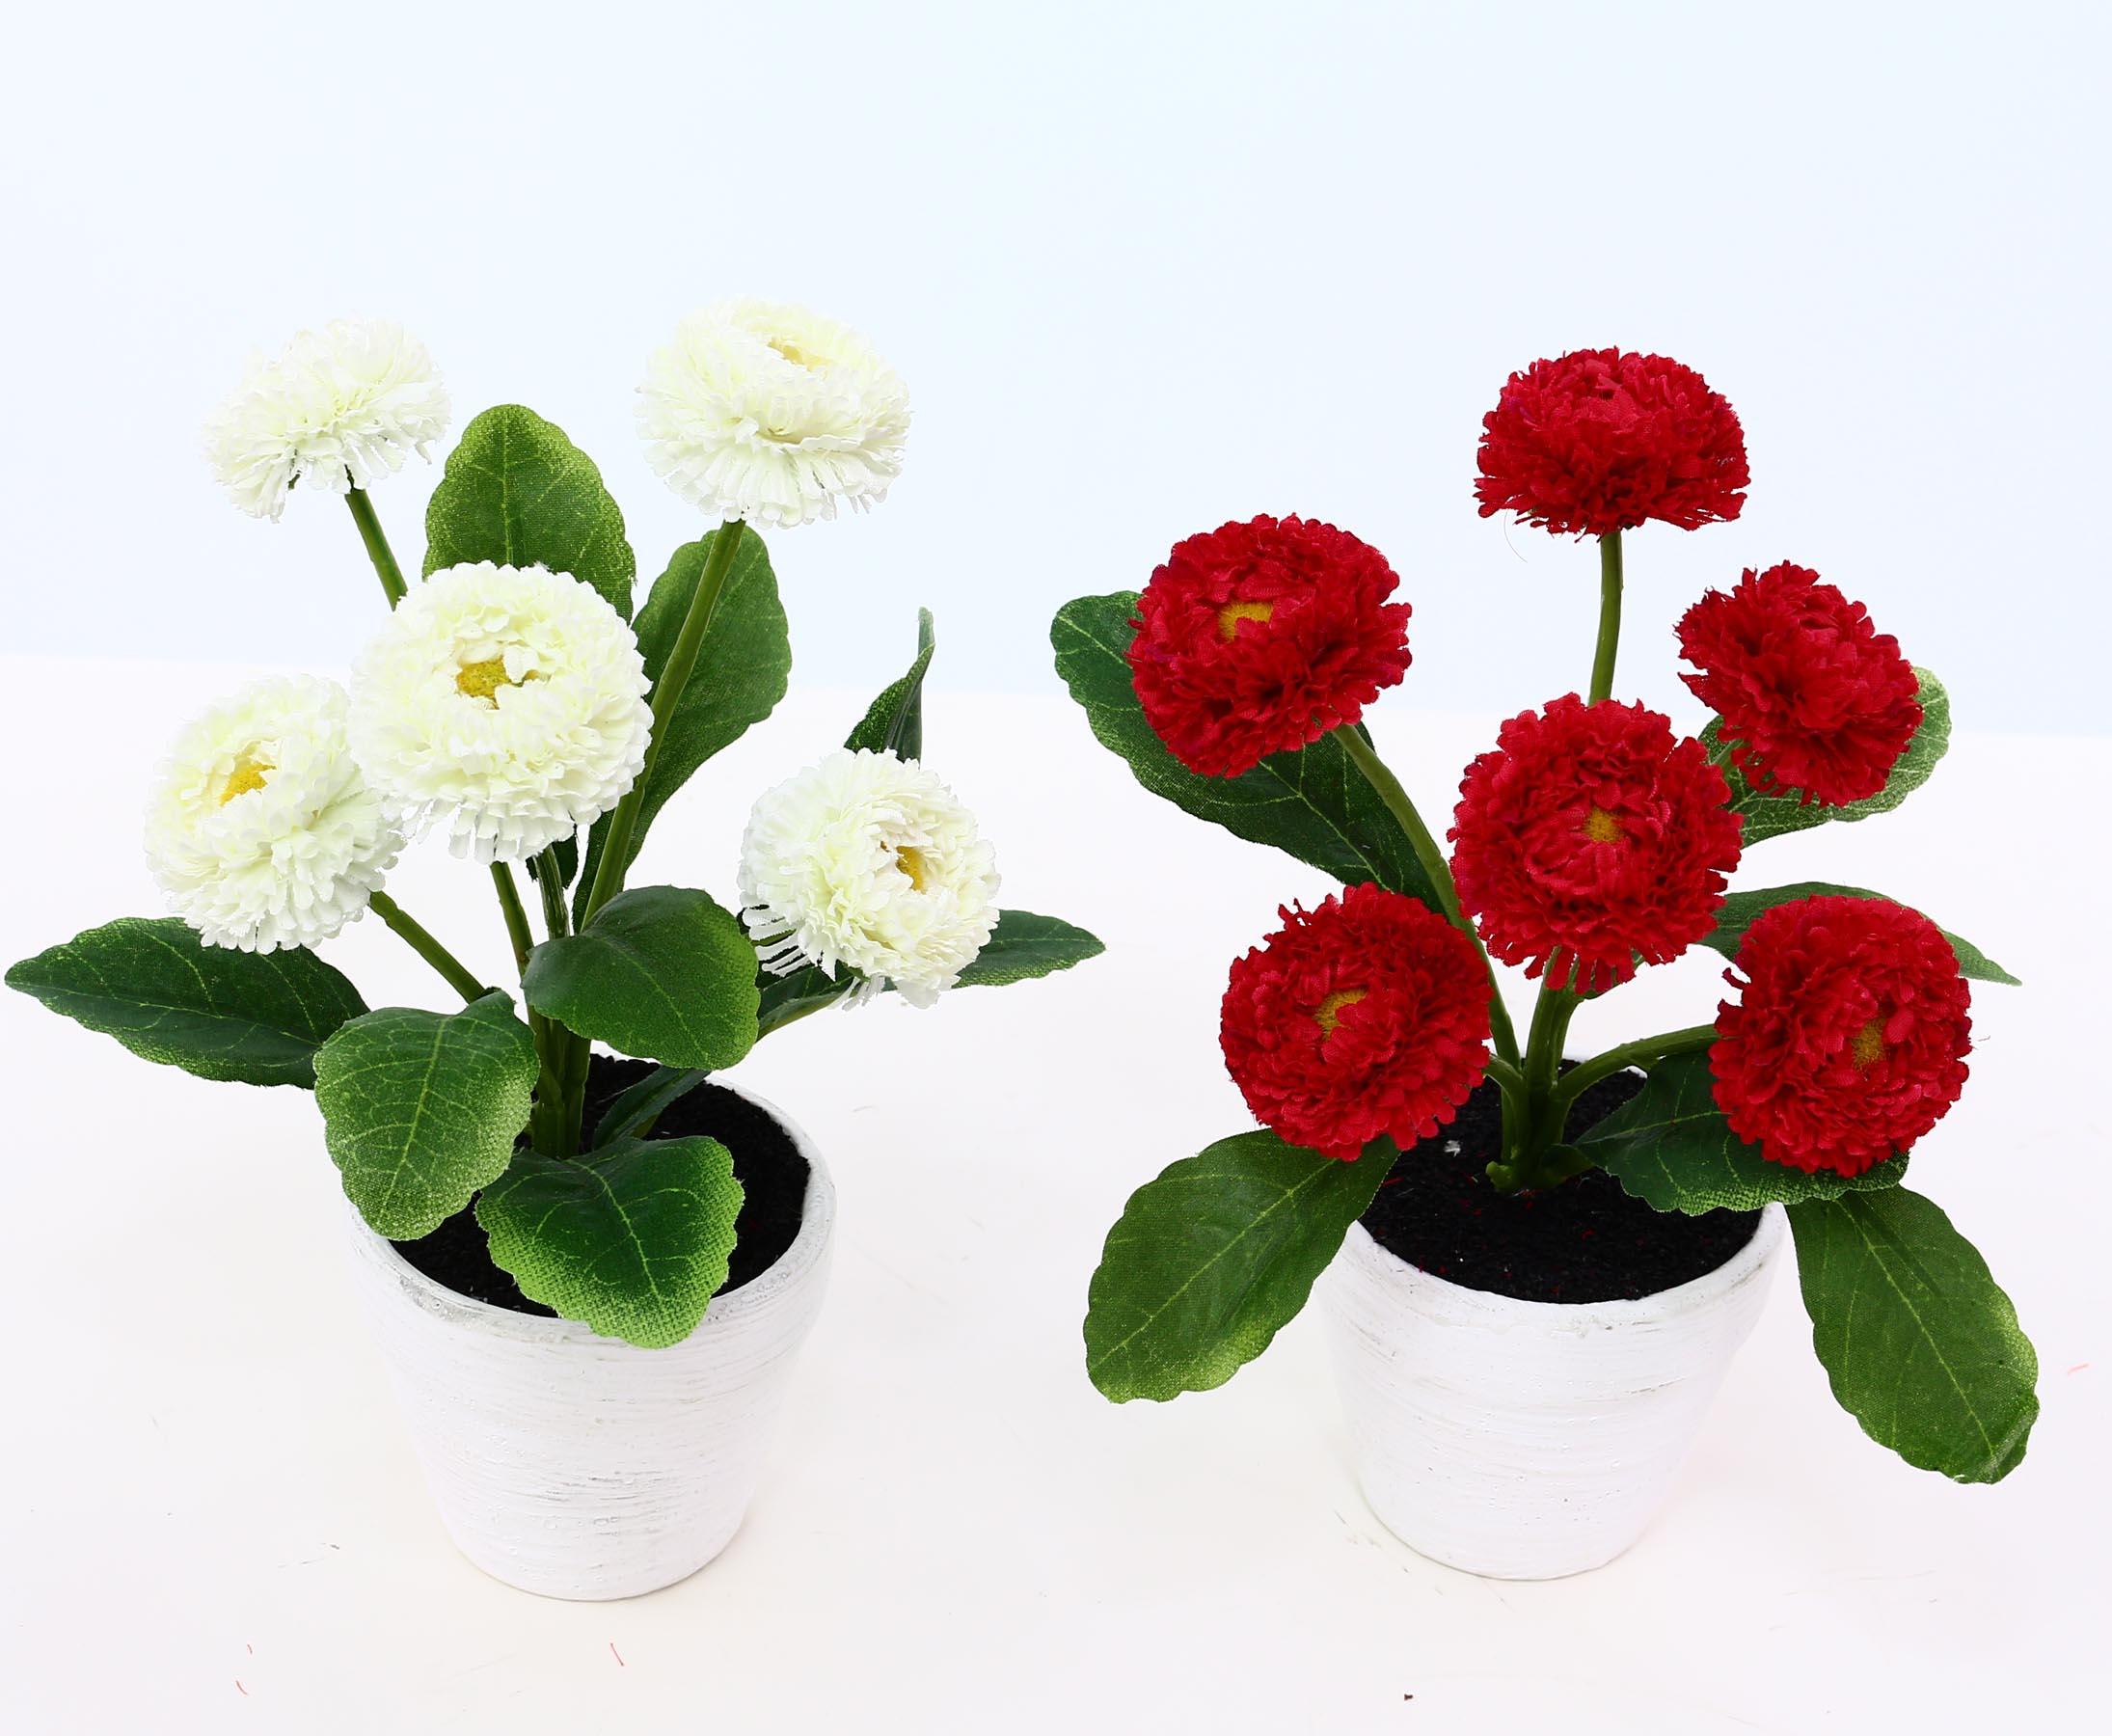 Künstliche Im Topf Deko Kunstblumen Kunstpflanzen Blumen Kunstblumen Dekoration